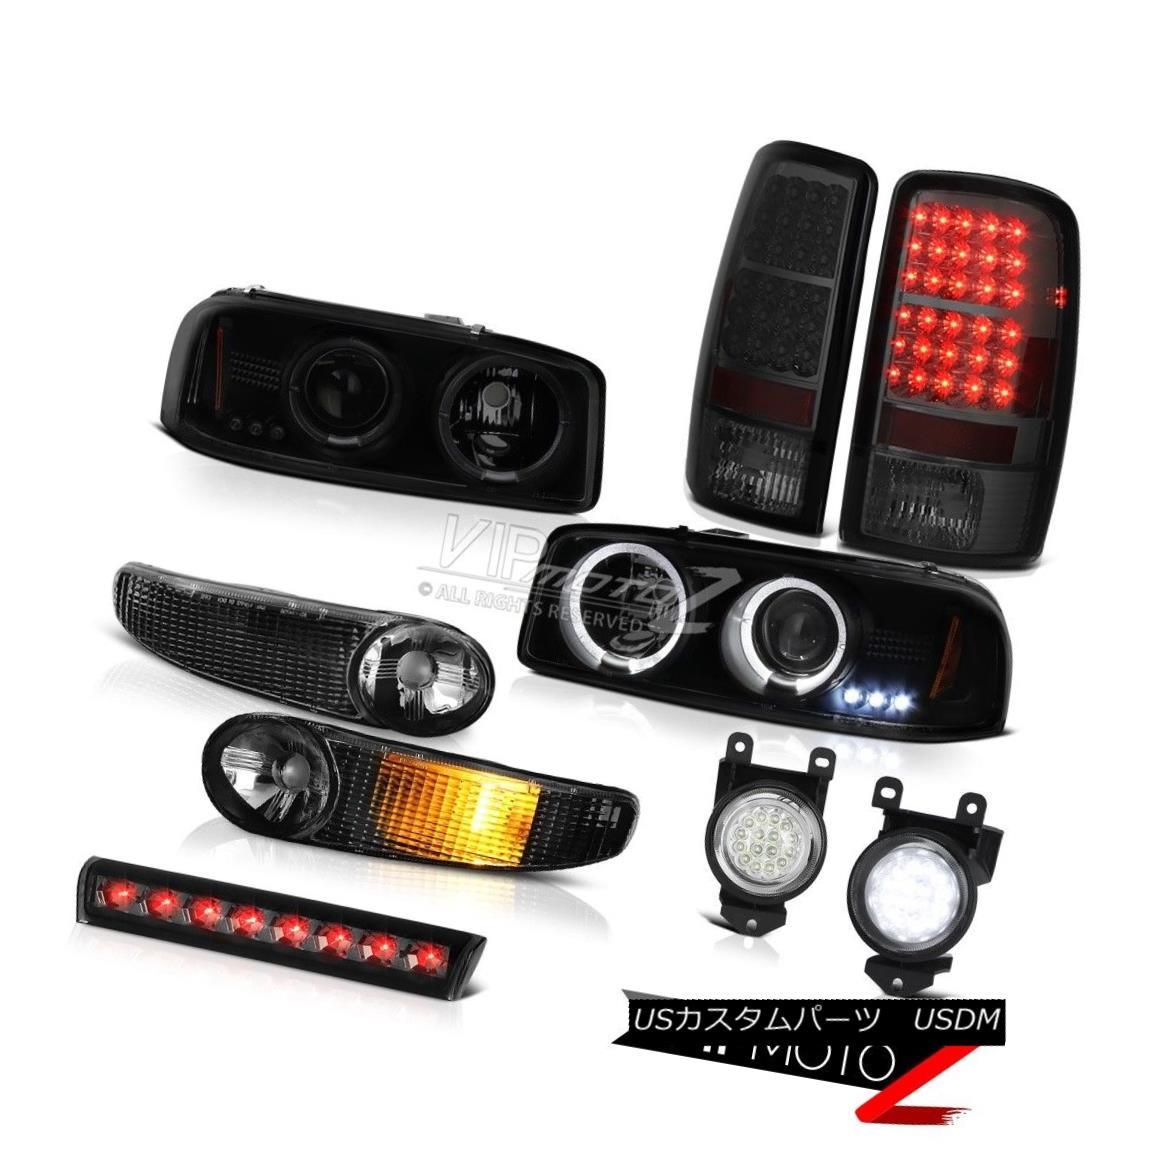 ヘッドライト Projector Headlights Bumper Tail Lights FogLamp 3rd Brake 03 04 05 06 Yukon 6.0L プロジェクターヘッドライトバンパーテールライトFogLamp 3rdブレーキ03 04 05 06ユーコン6.0L